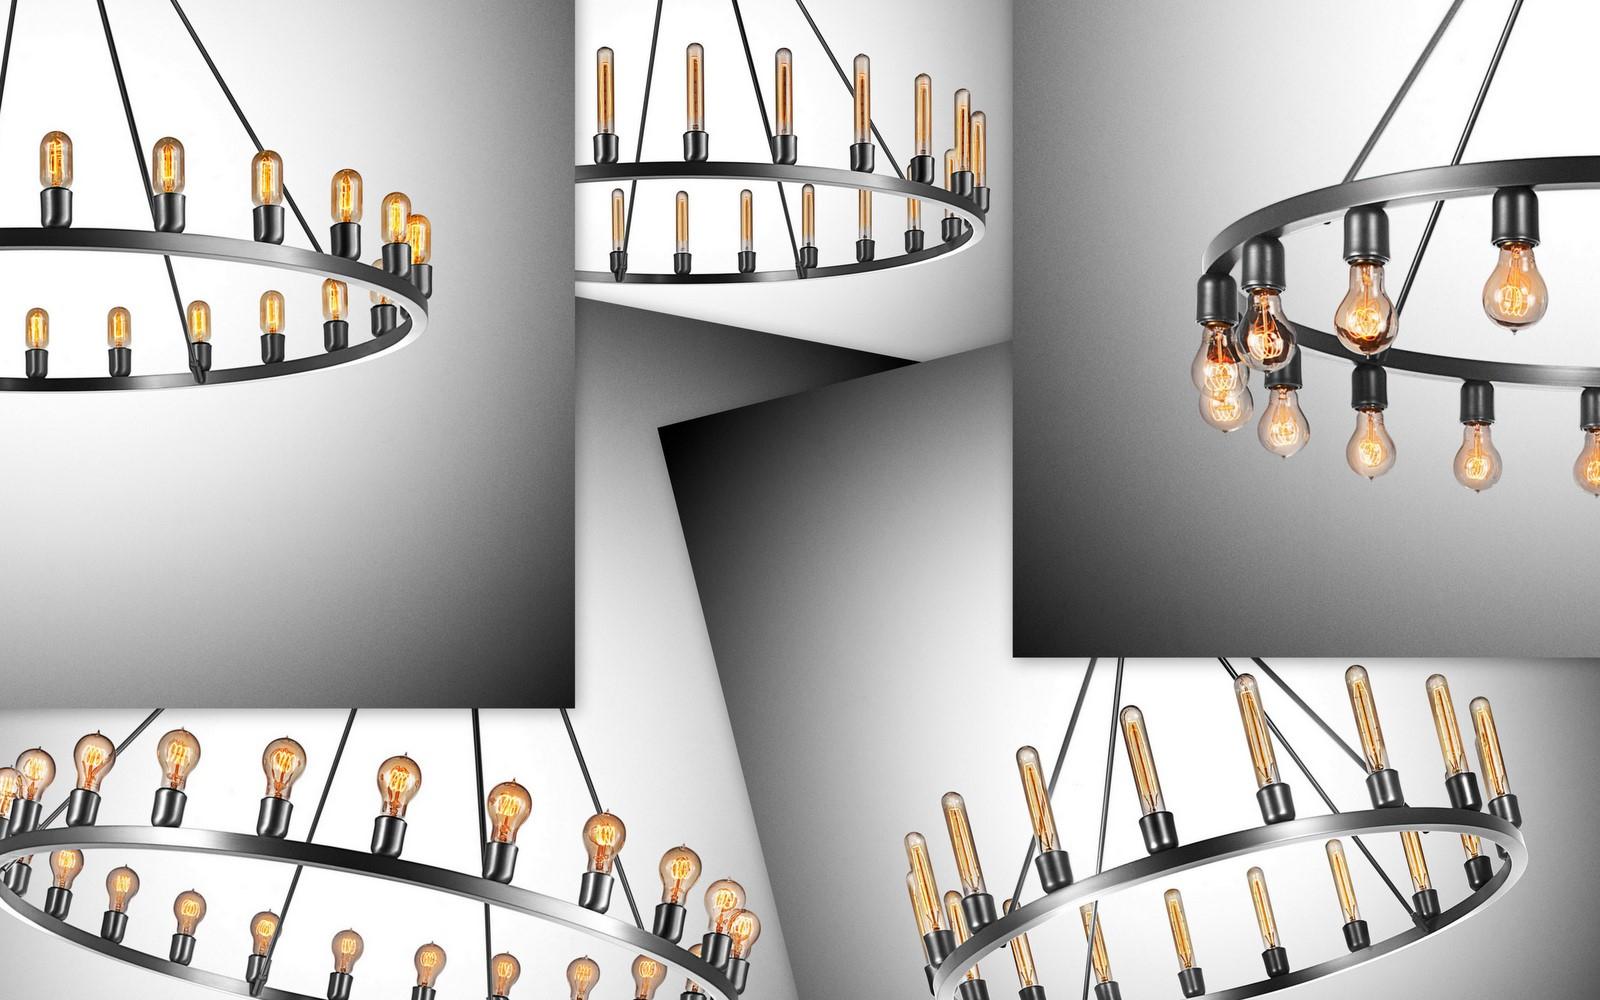 Spark Chandelier Showcases Bare Bulbs' Beauty